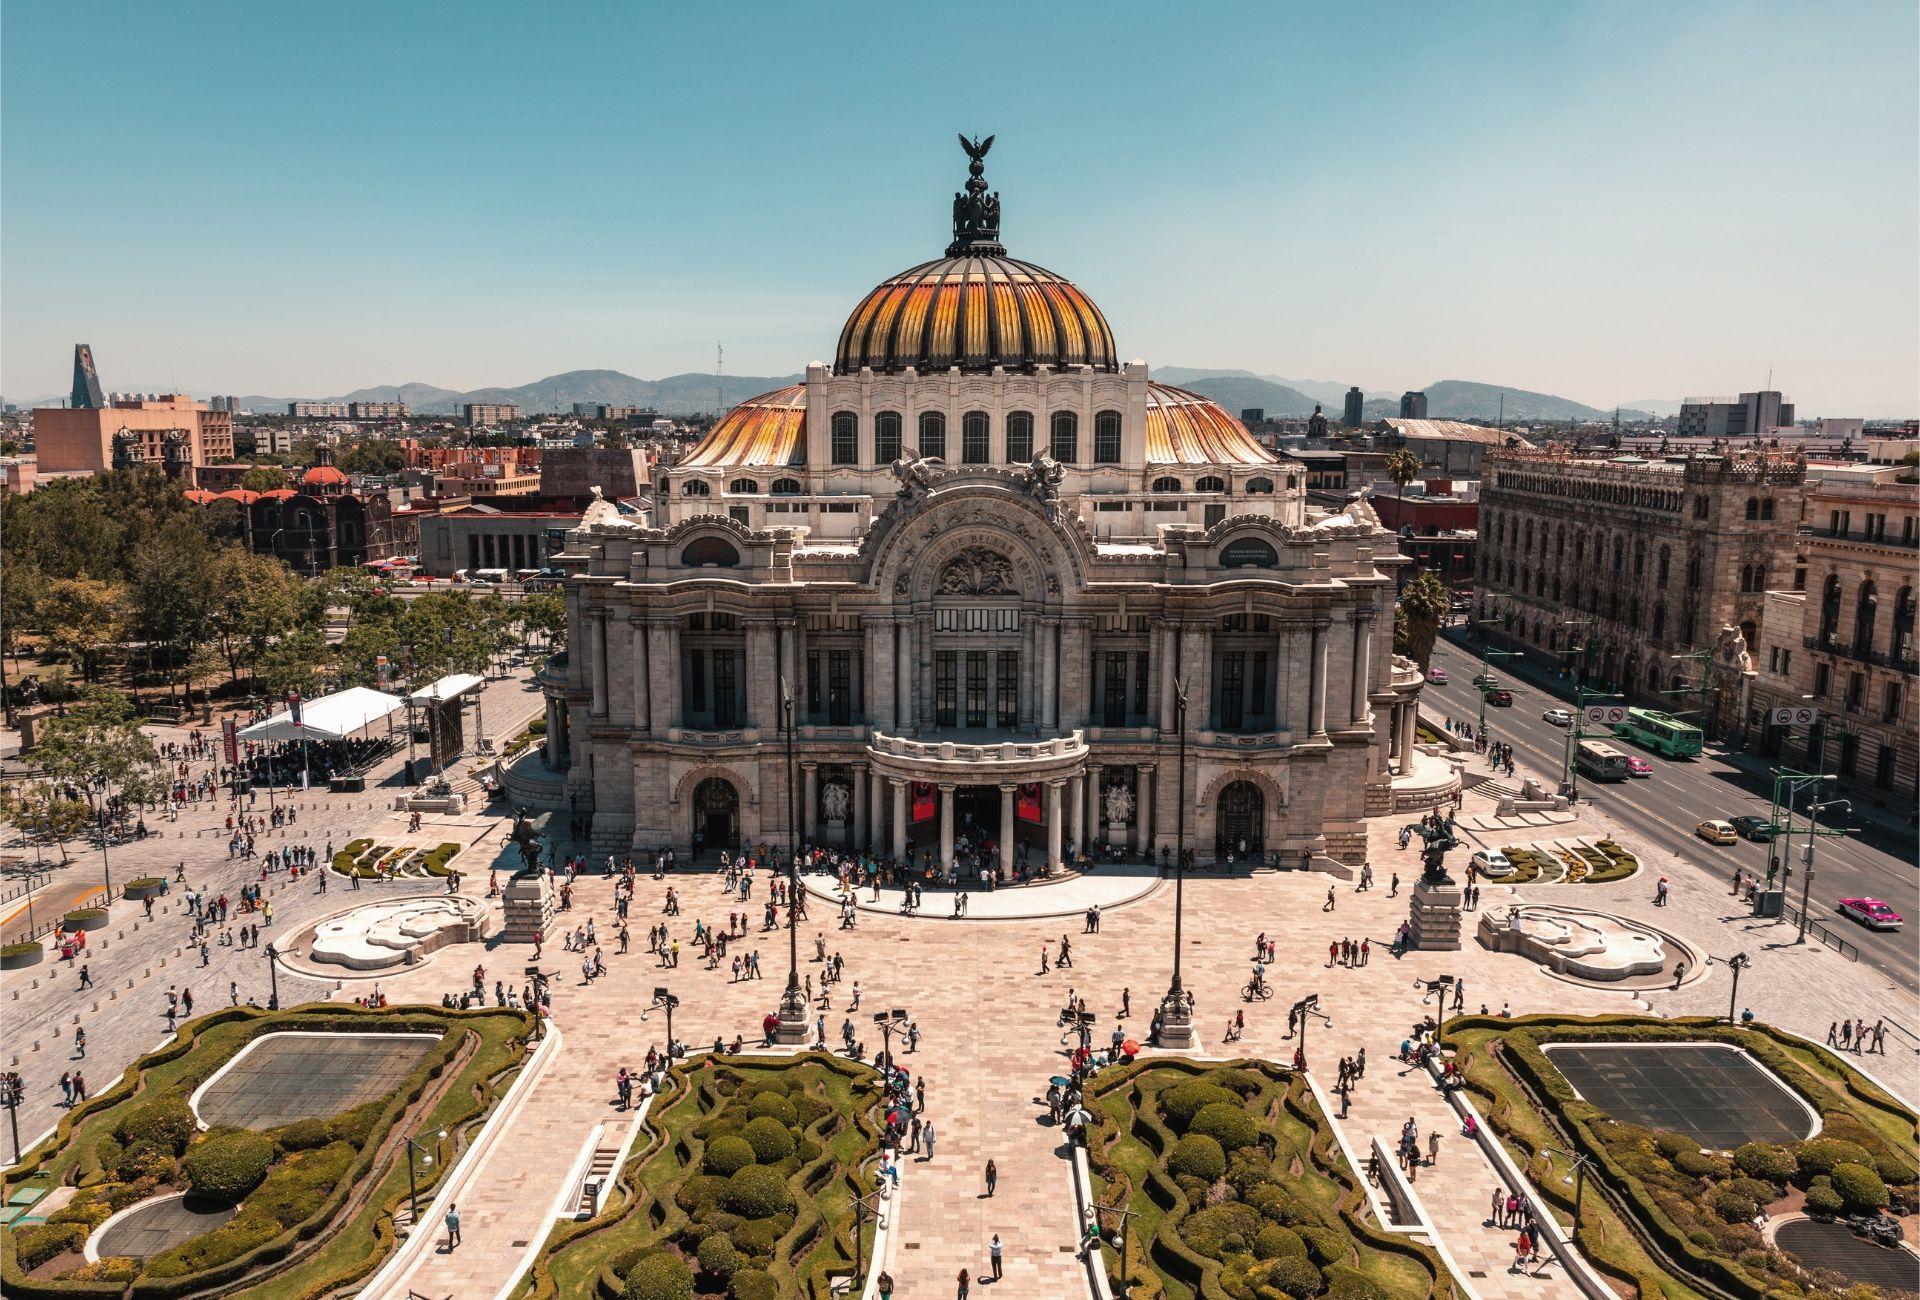 Vista aérea do Palácio de Belas Artes em Cidade do México